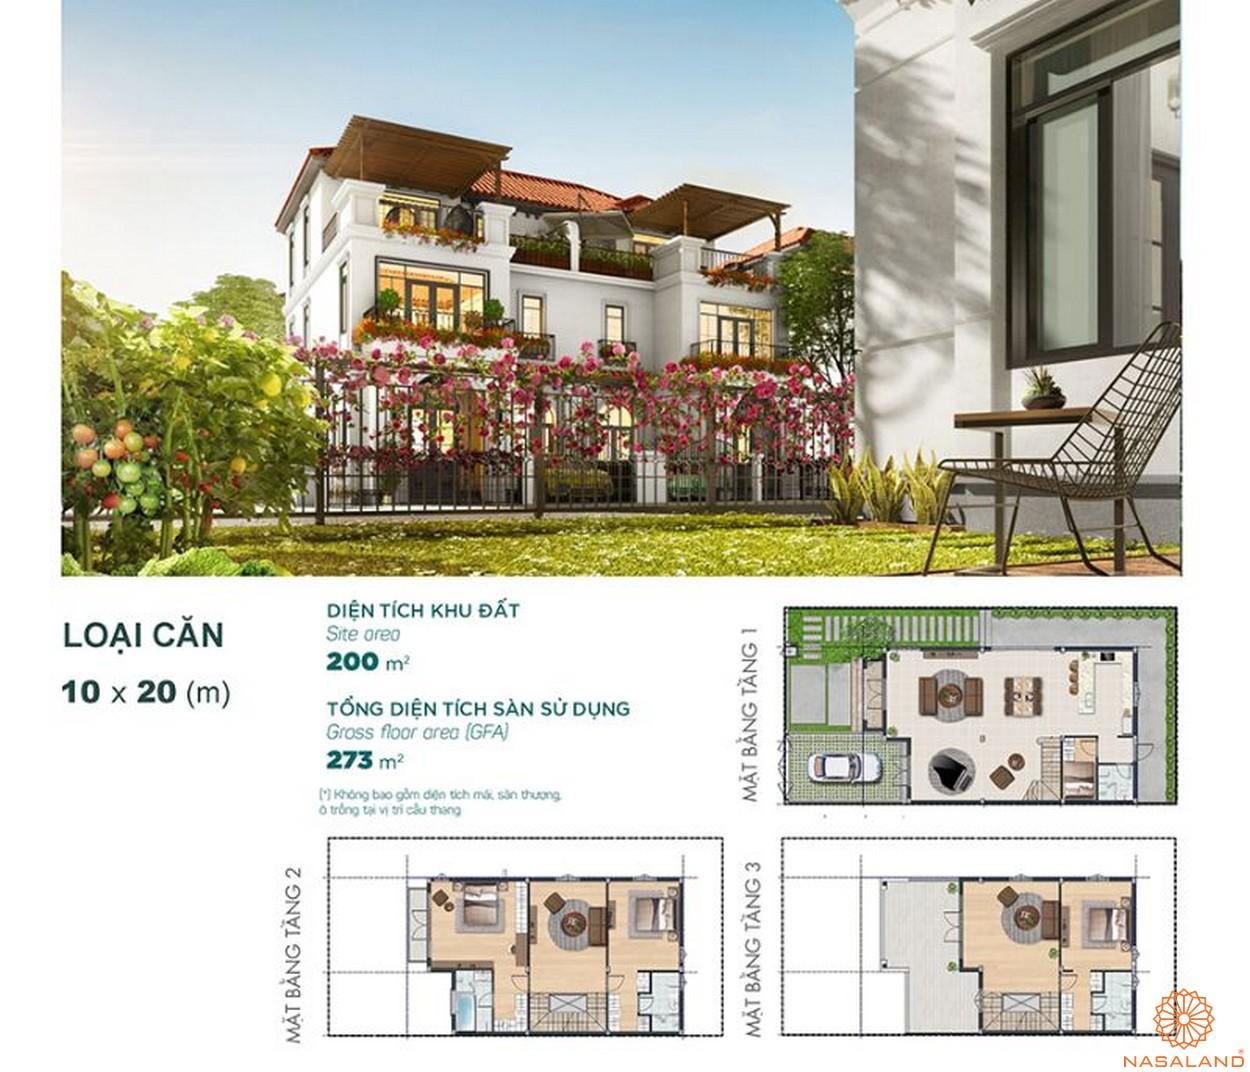 Thiết kế dự án biệt thự Aqua City Đảo Phượng Hoàng Đồng Nai - bt song lập